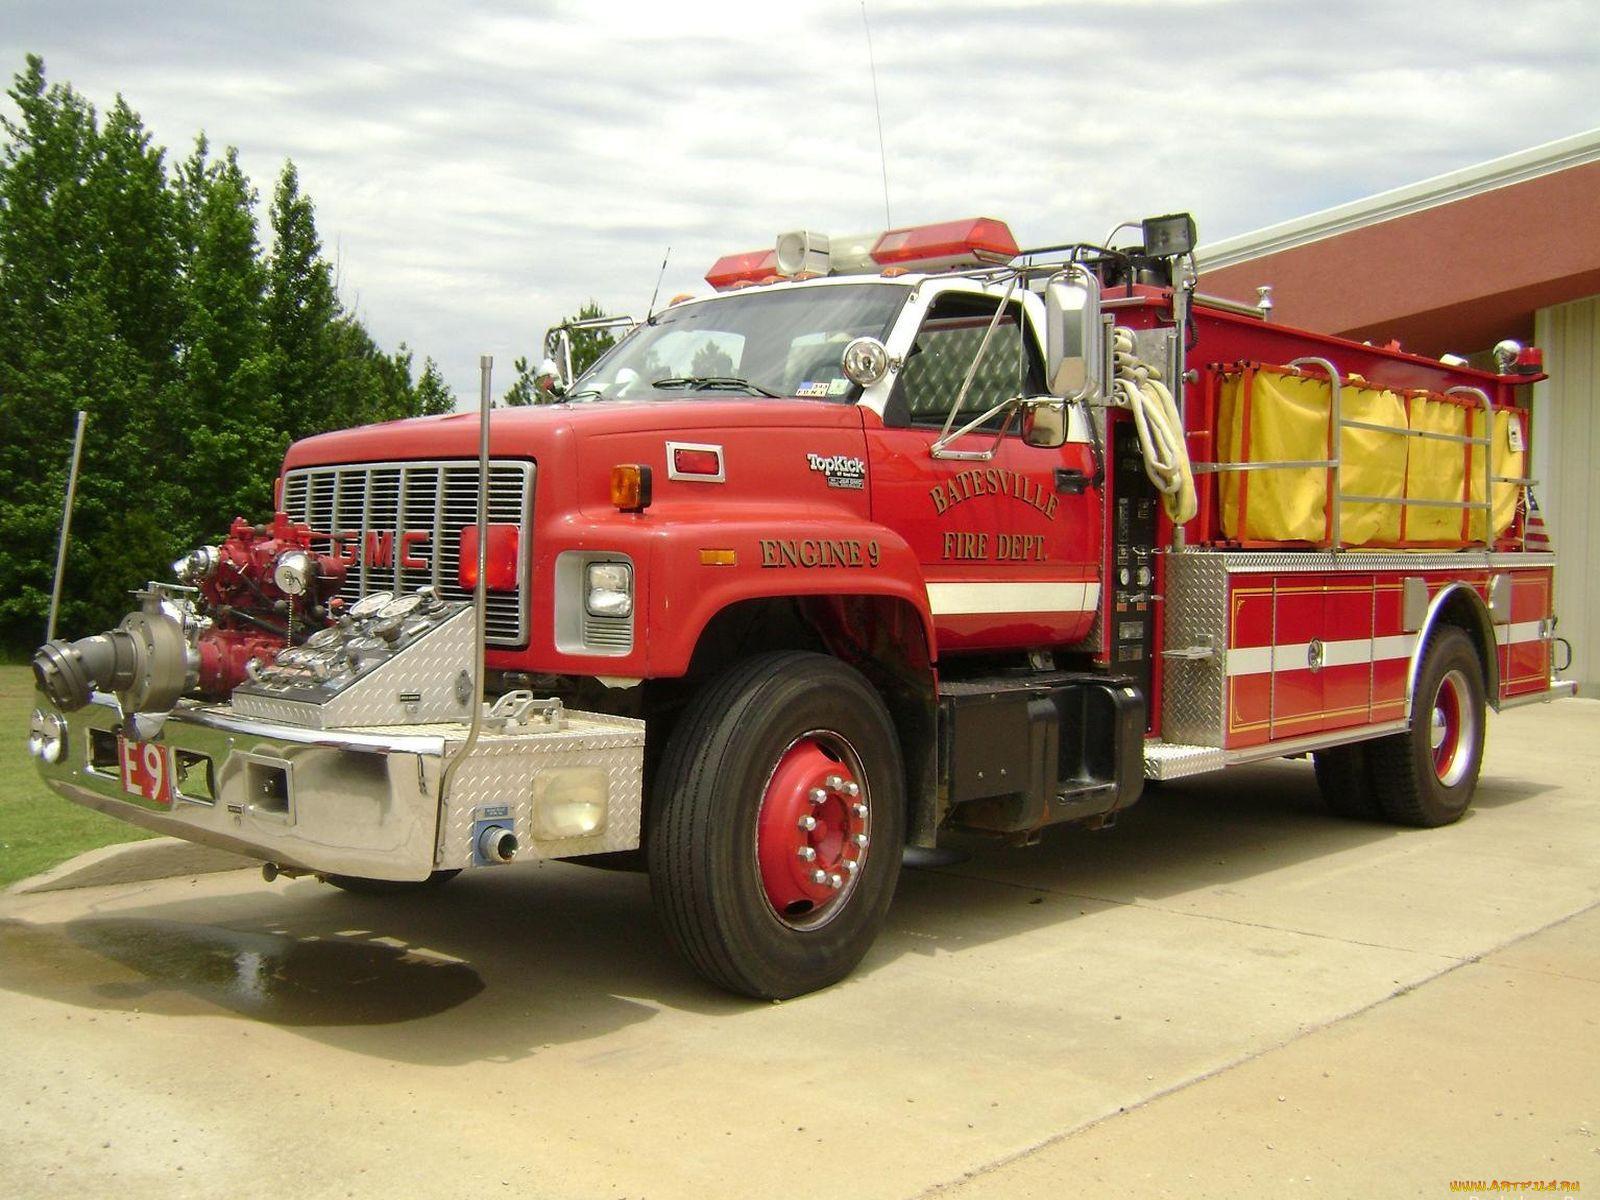 фото пожарной техники высокого разрешения календаре можно